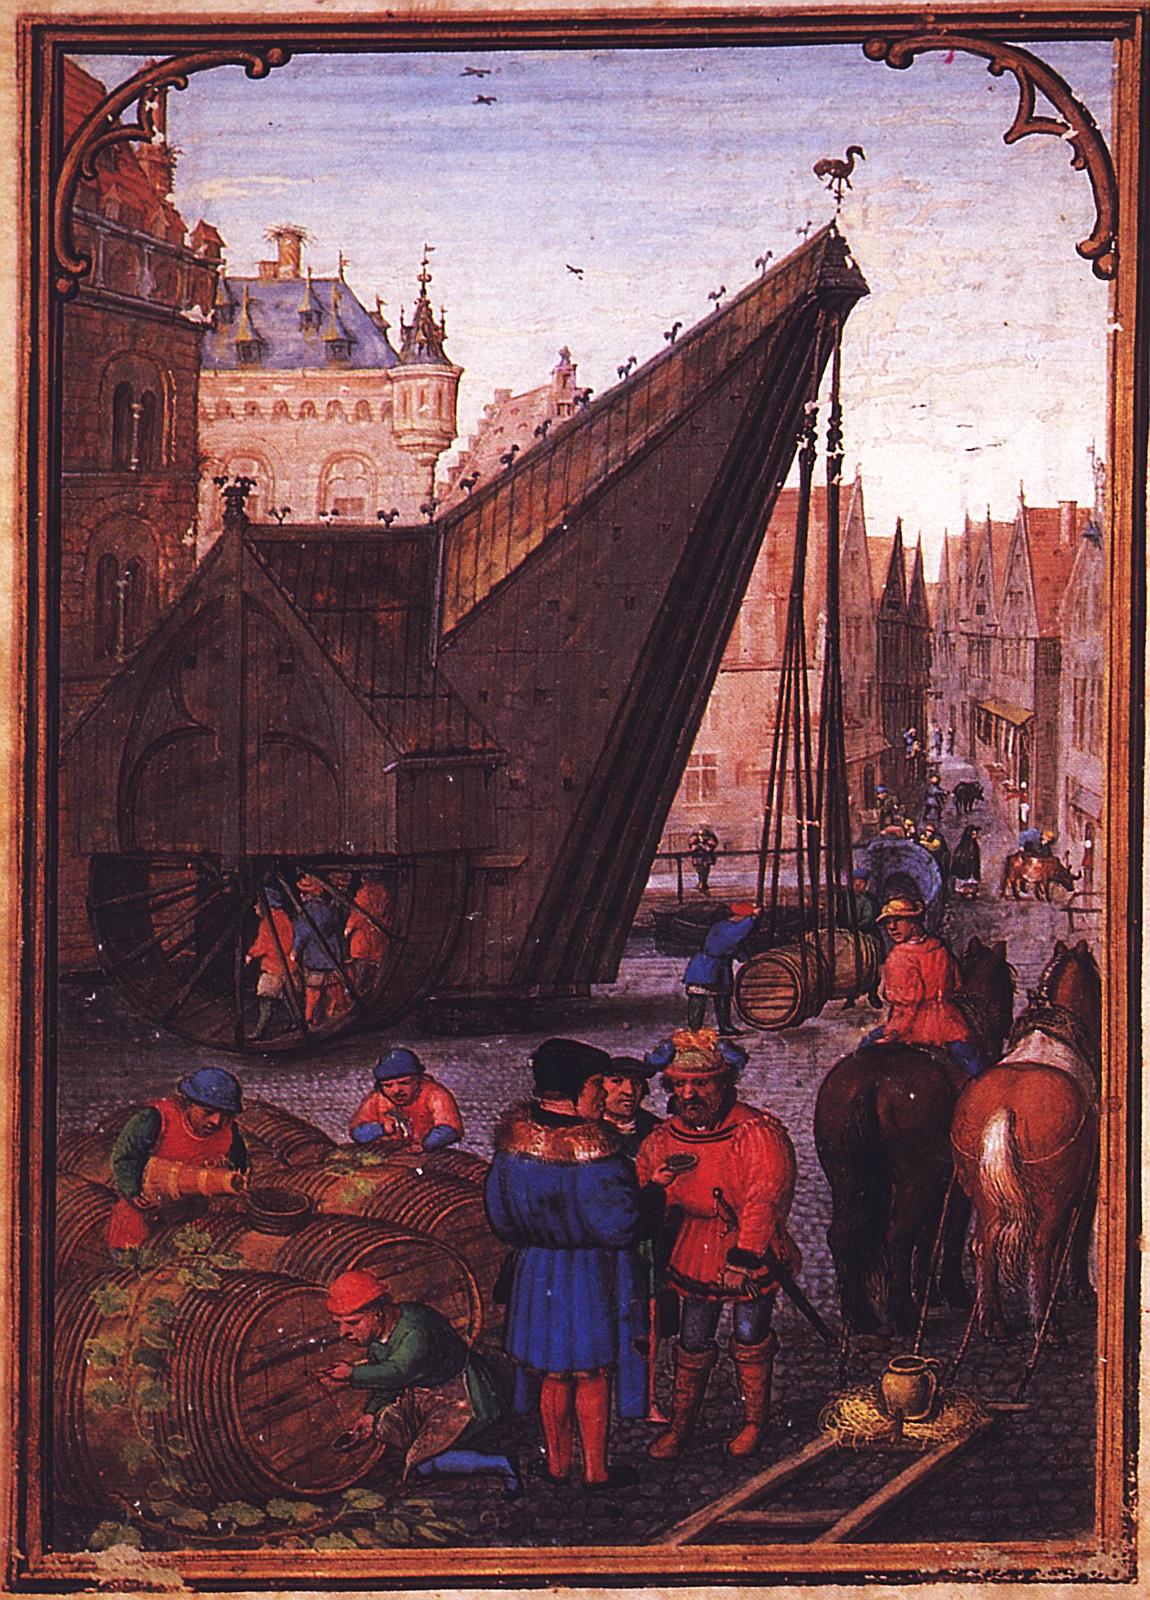 In einem anderen Stundenbuch wählte Simon Bening ein ungewöhnliche Motiv für den Oktober: Verkauf von Wein und Transport von Weinfässern im Hafen von Brügge. (München, StB, cod. lat. 23638, fol. 11v.)